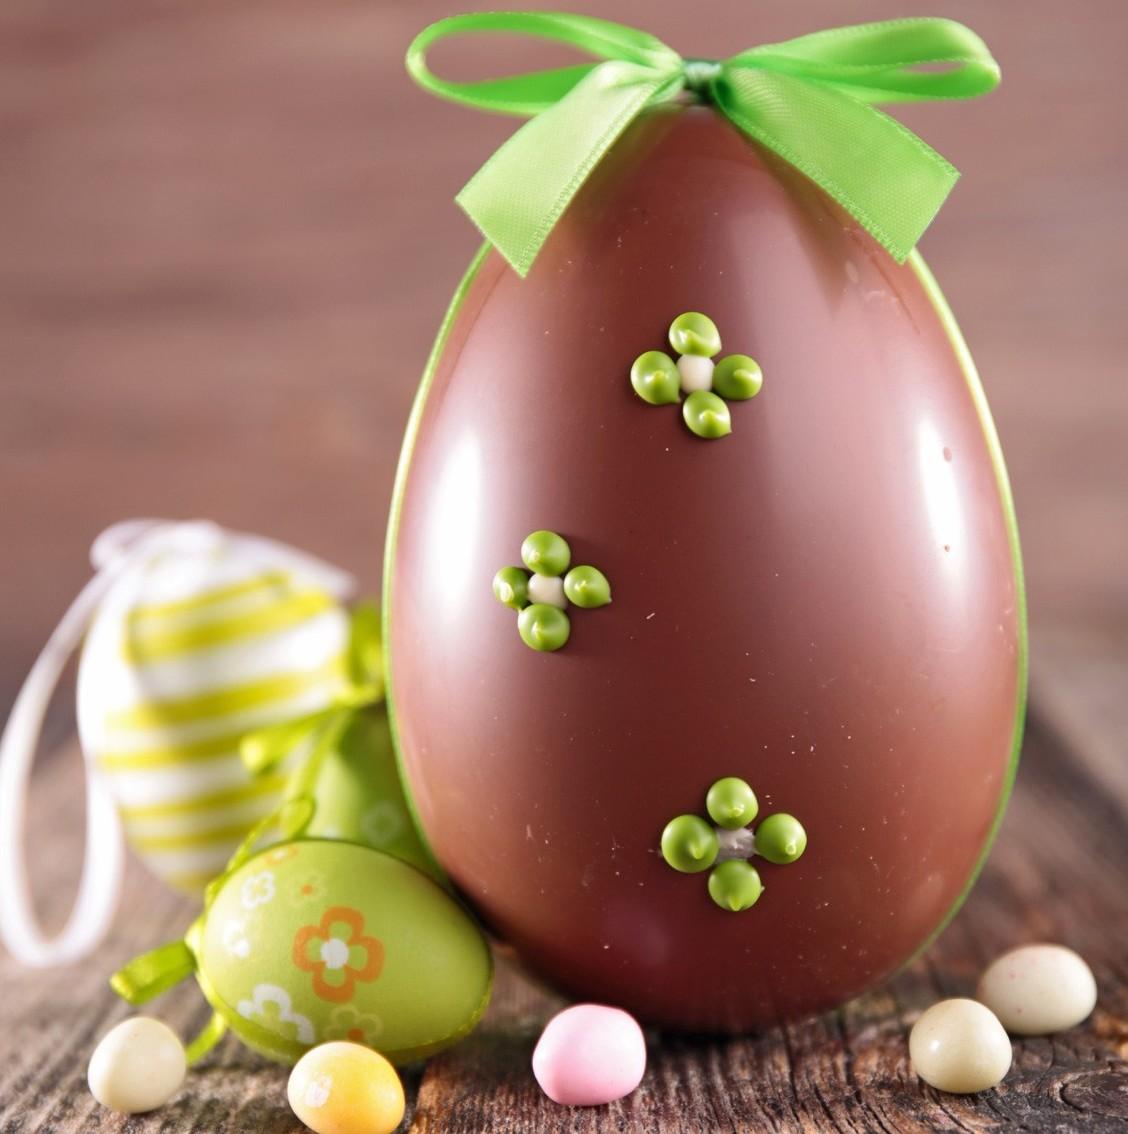 Uova di cioccolato 2019, consigli sulle